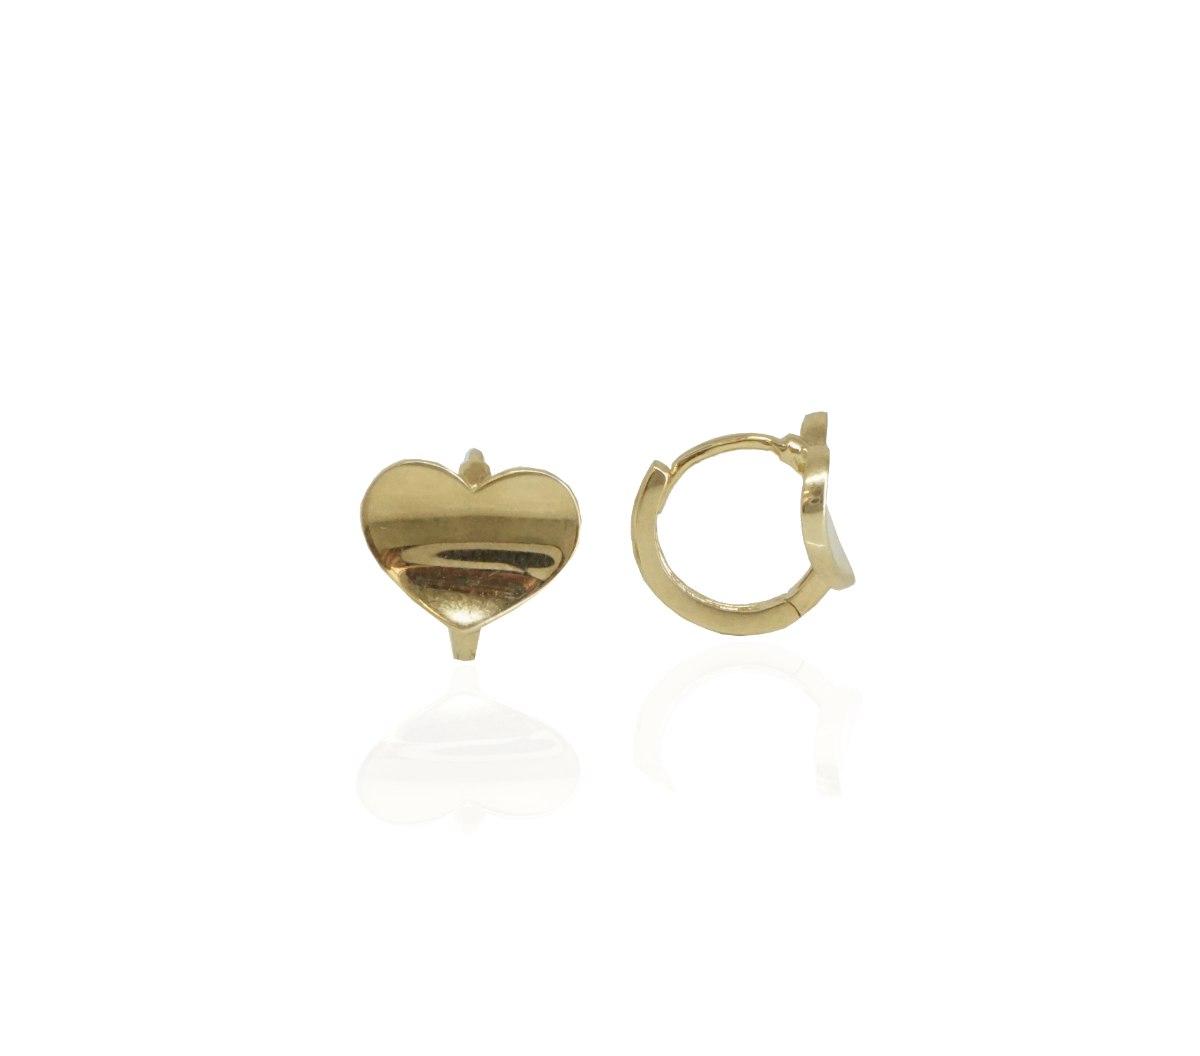 עגילי חישוק לב - קטנים - 1.1 סמ - 11.1 ממ רוחב - מזהב אמיתי 14 קאראט